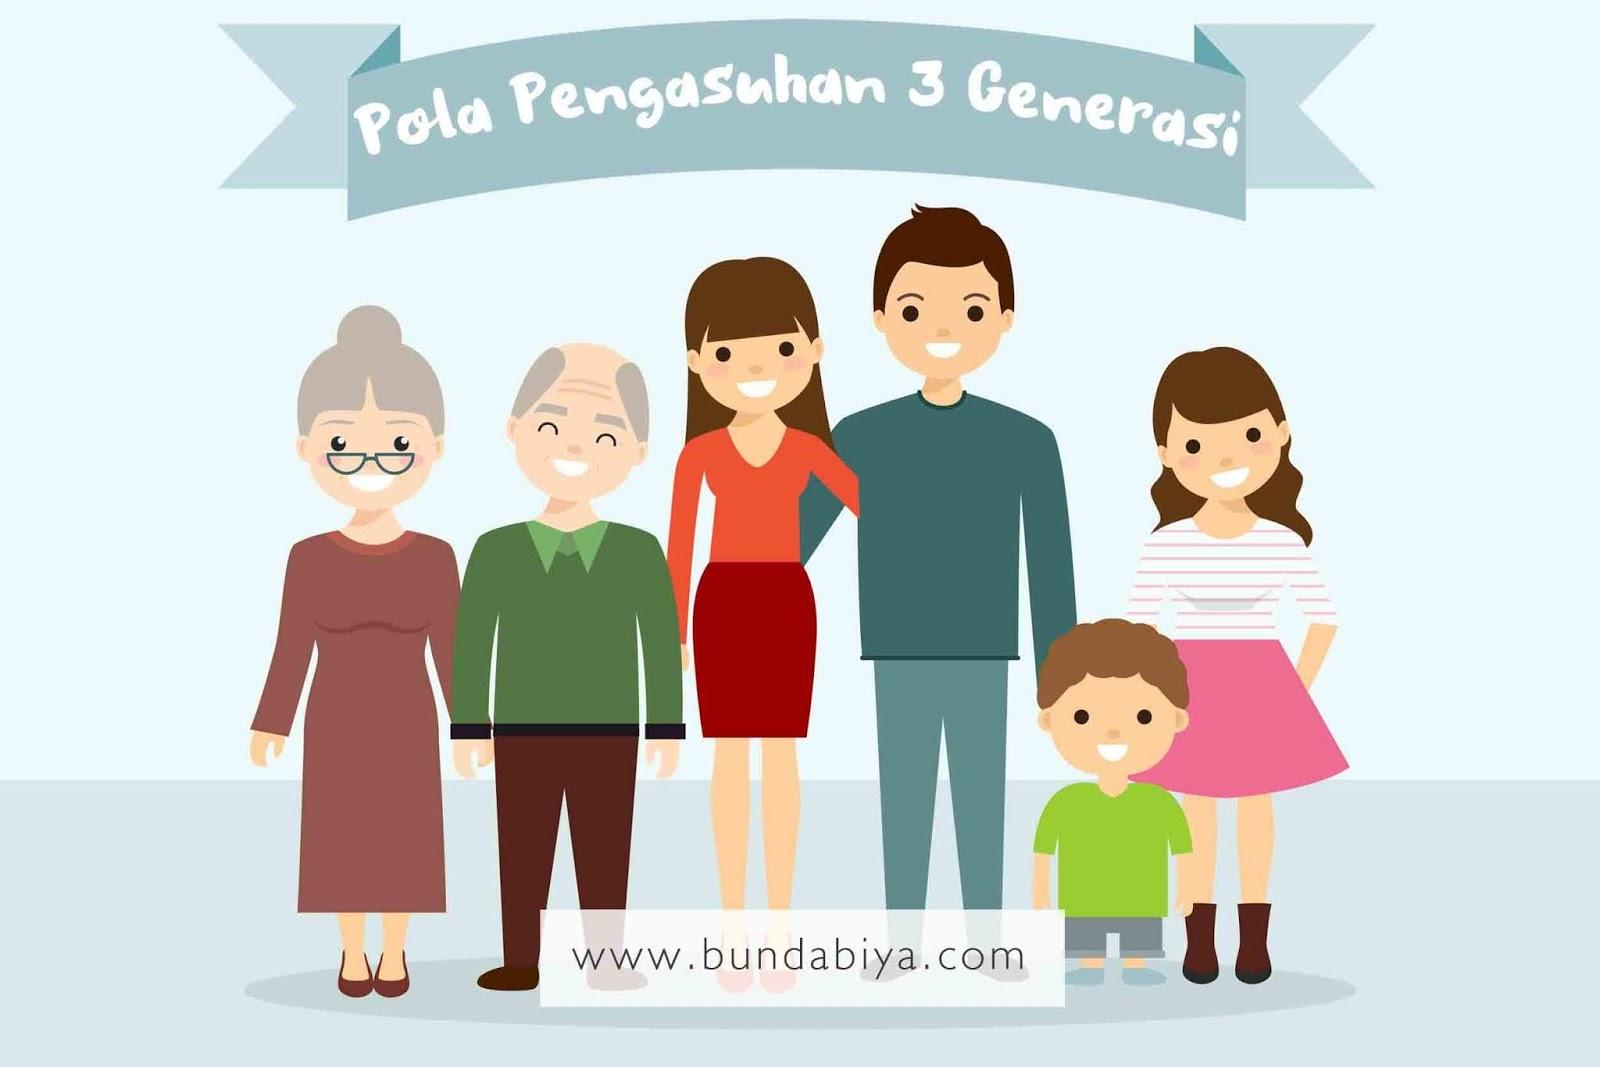 pola pengasuhan tiga generasi, mengasuh anak bersama orang tua, mengasuh anak bersama PRT, ribut dengan orang tua, konflik dengan mertua, tinggal di rumah mertua, tinggal di rumah orang tua, mendidik anak bersama orang tua, pengasuhan tiga generasi